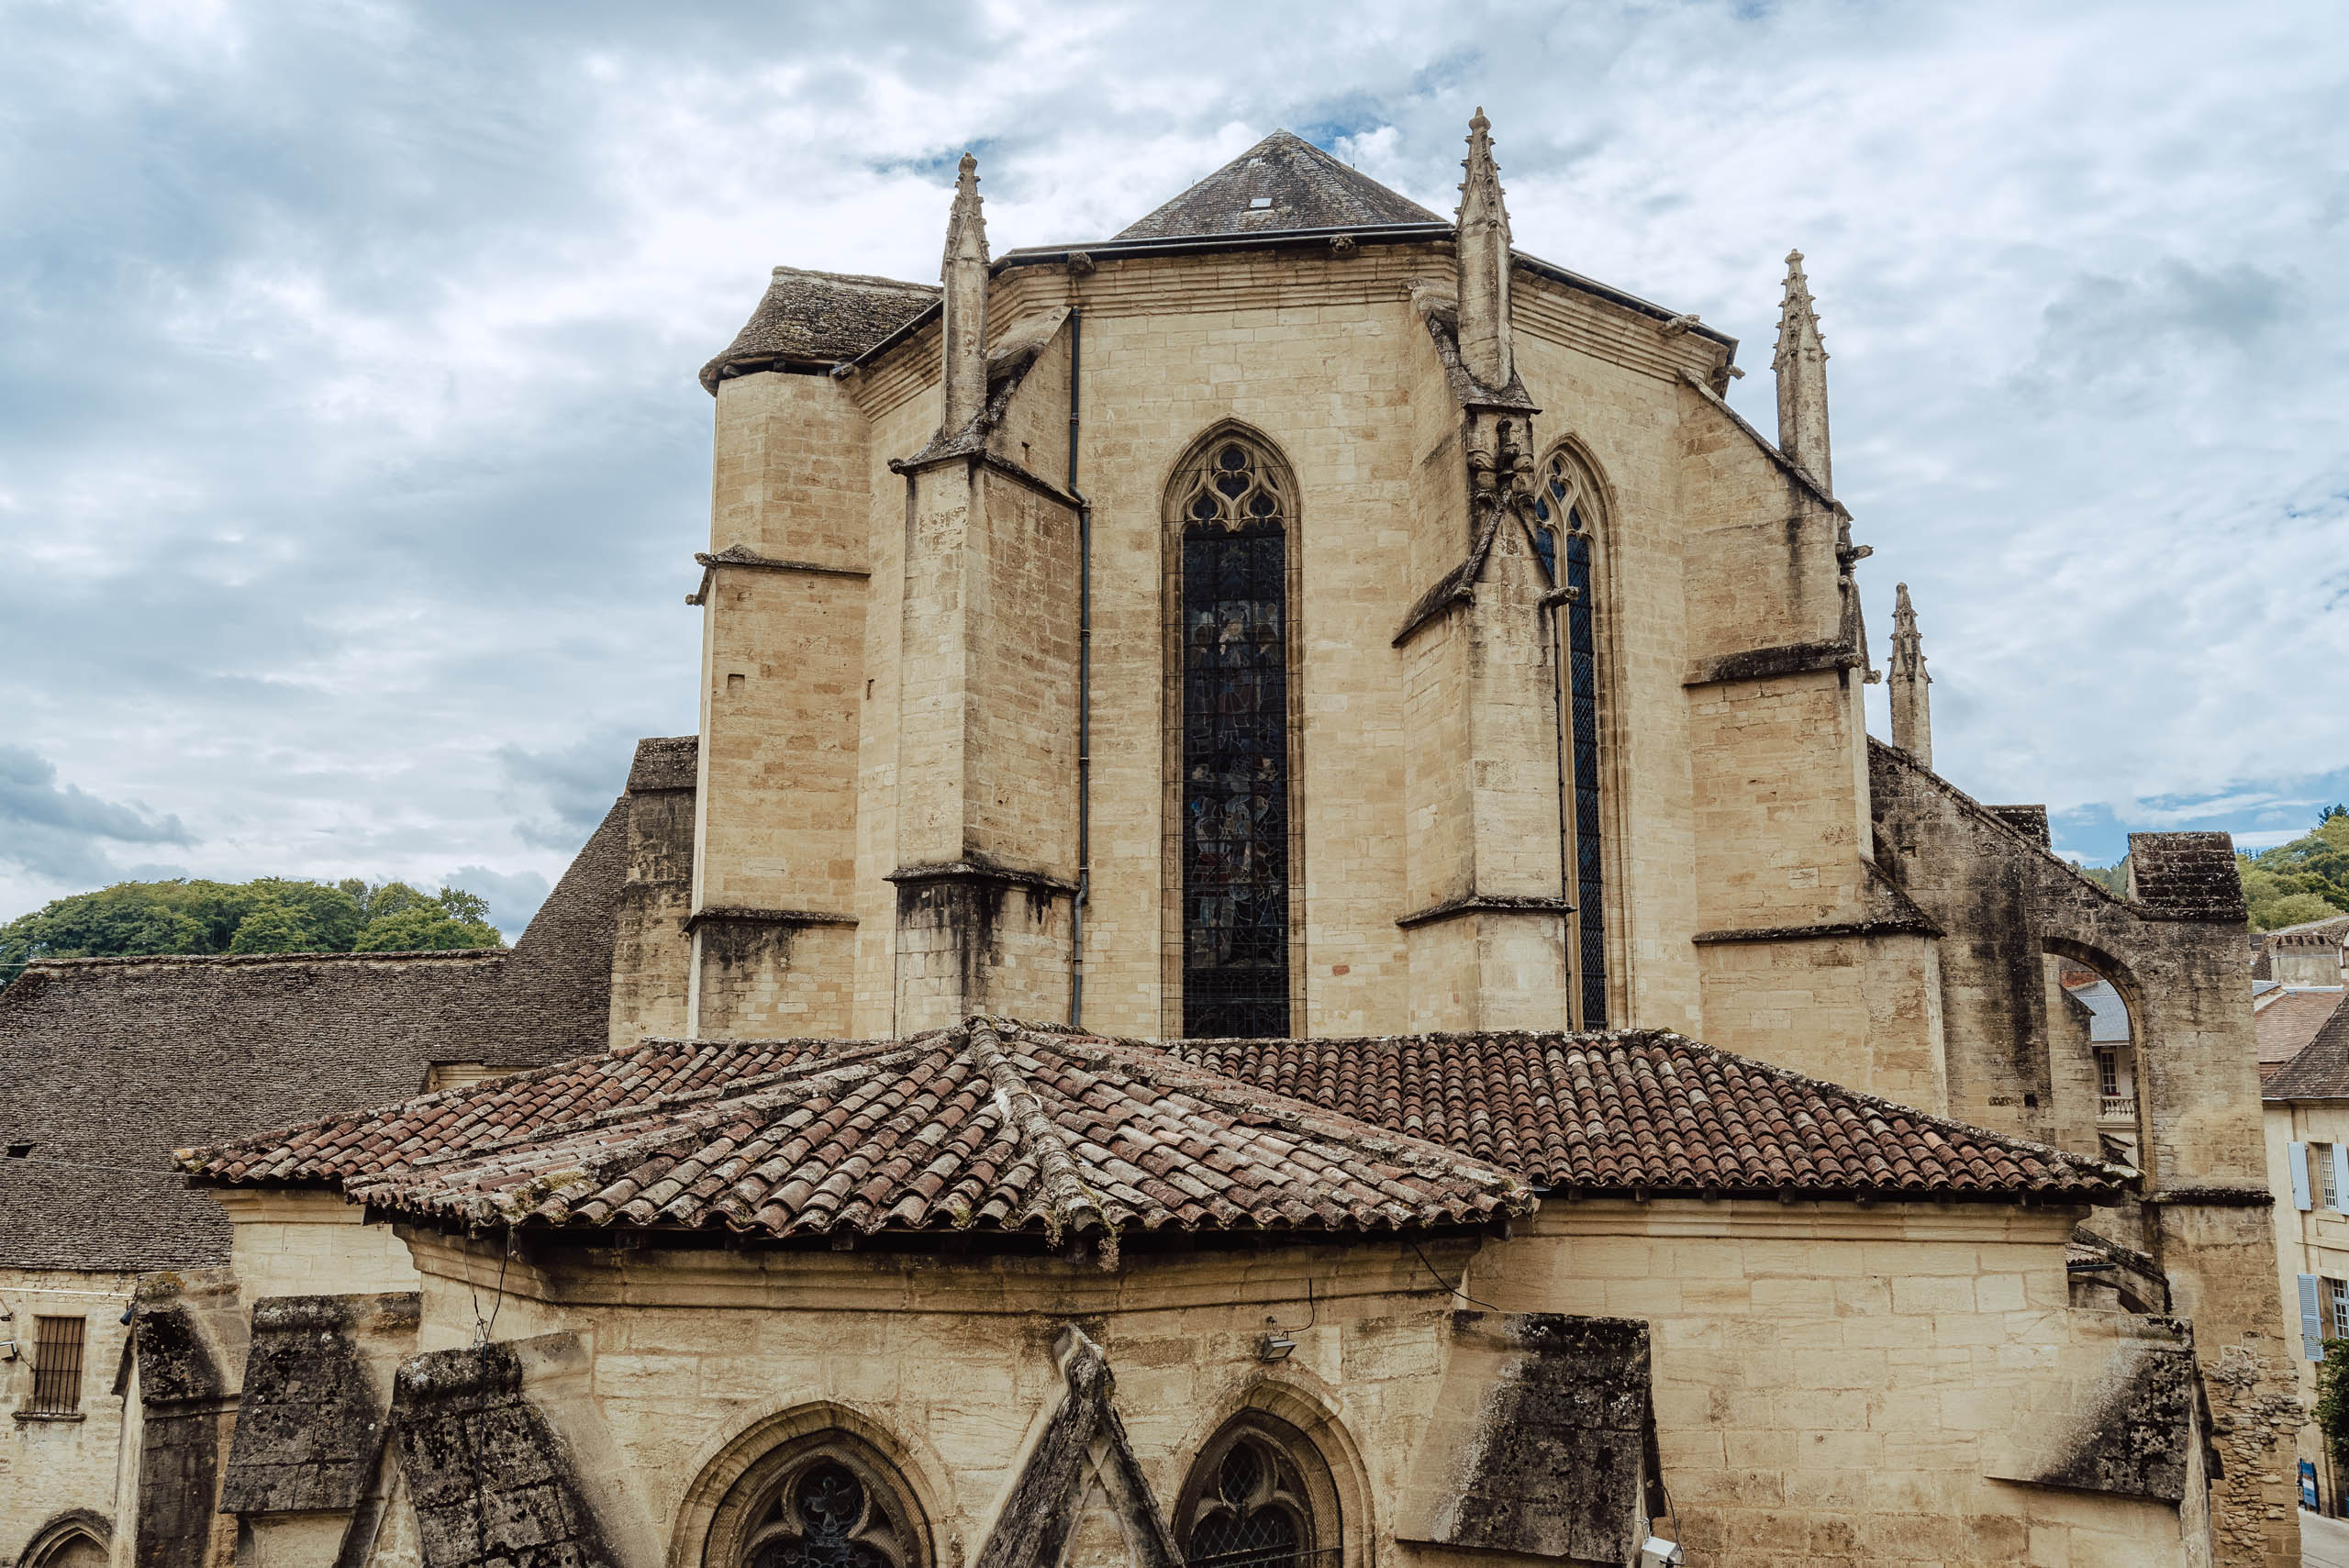 La cathédrale Saint-Sacerdos